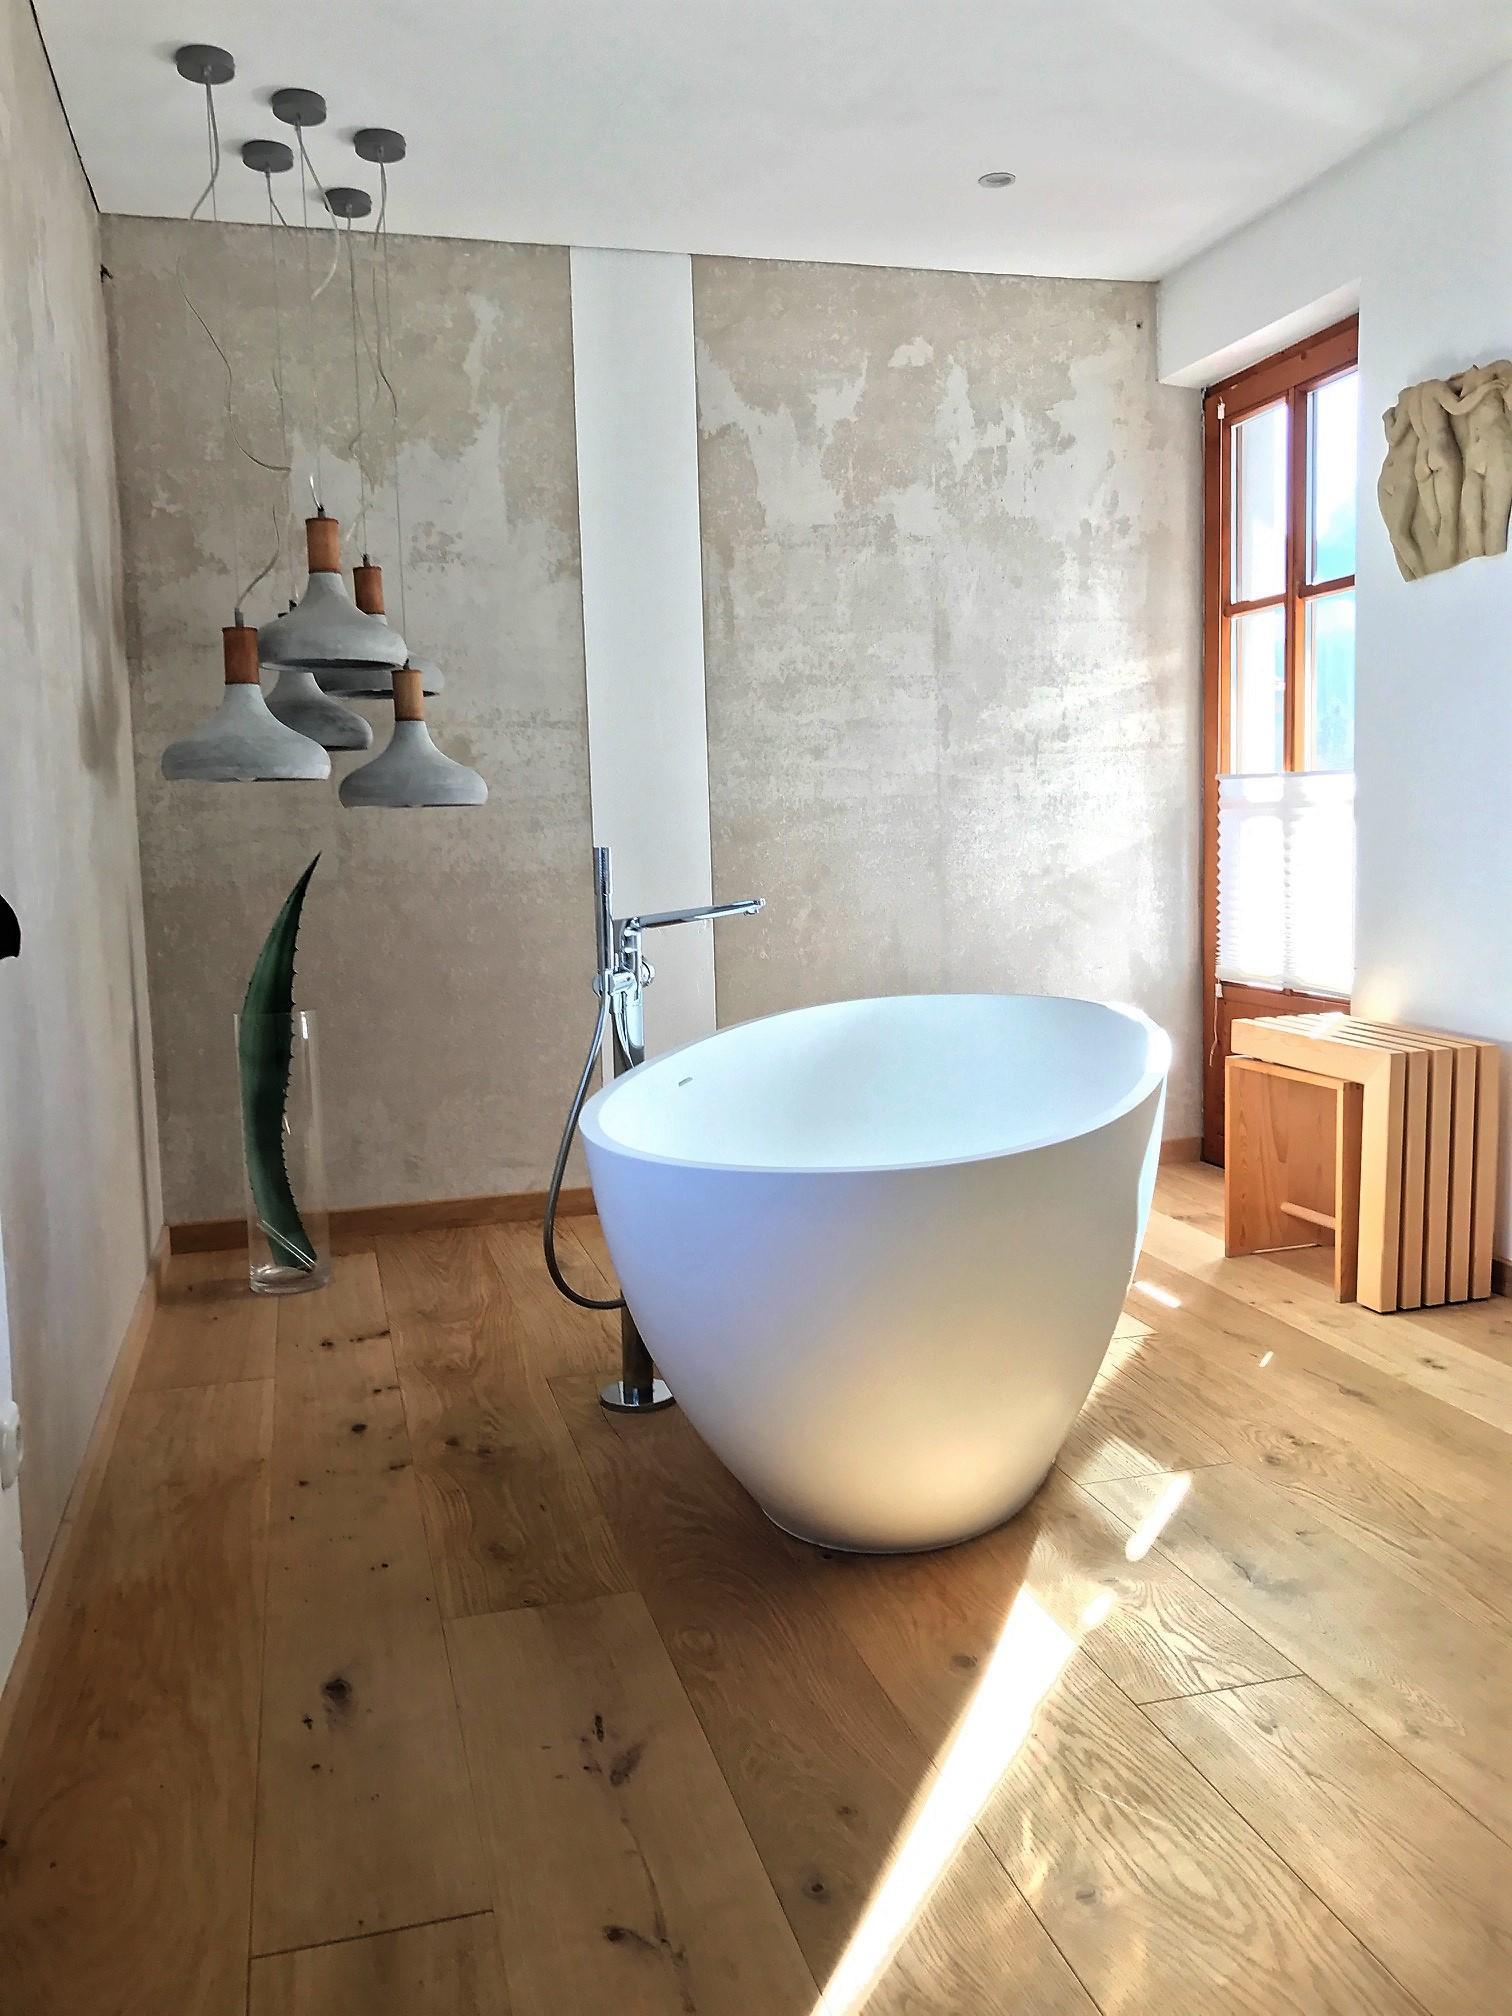 Freistehende Badewanne  Bilder  Ideen  COUCHstyle